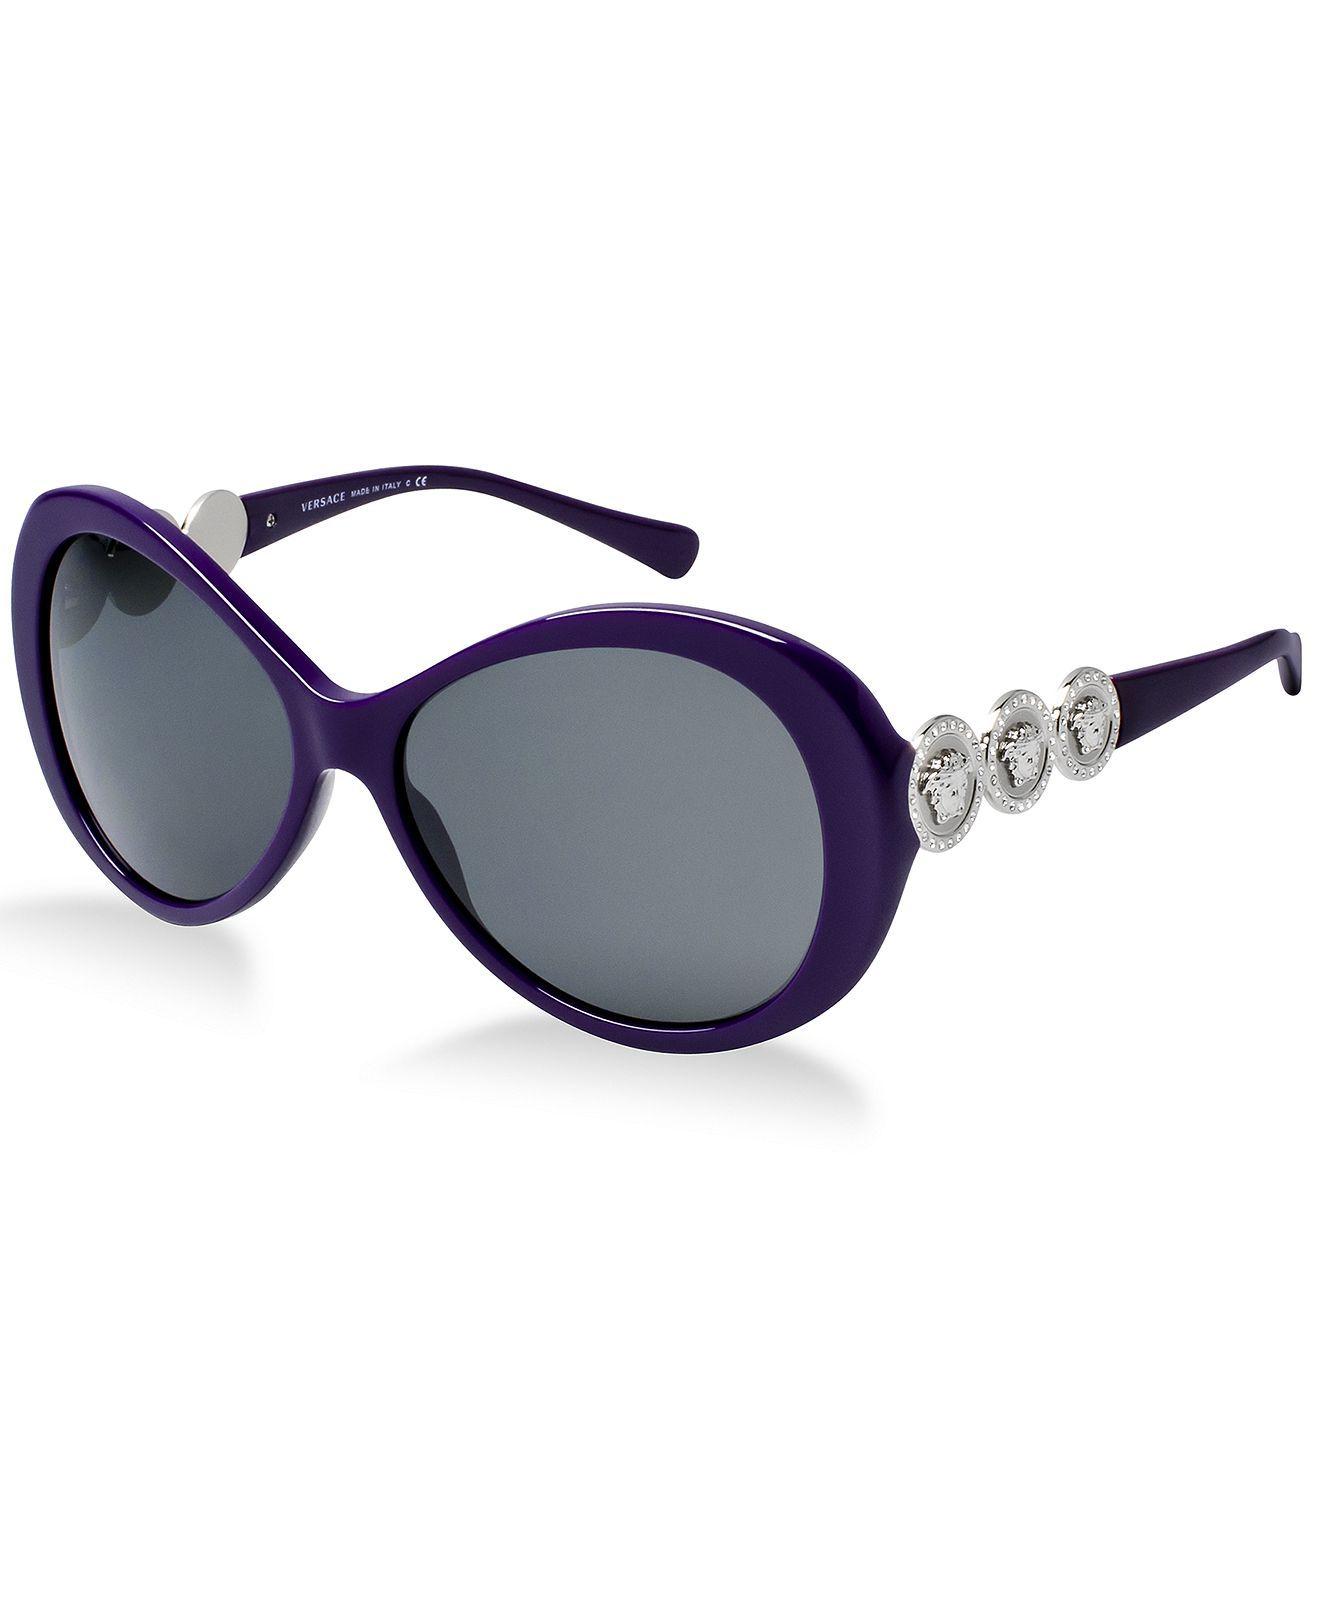 Versace Sunglasses - - Macy's